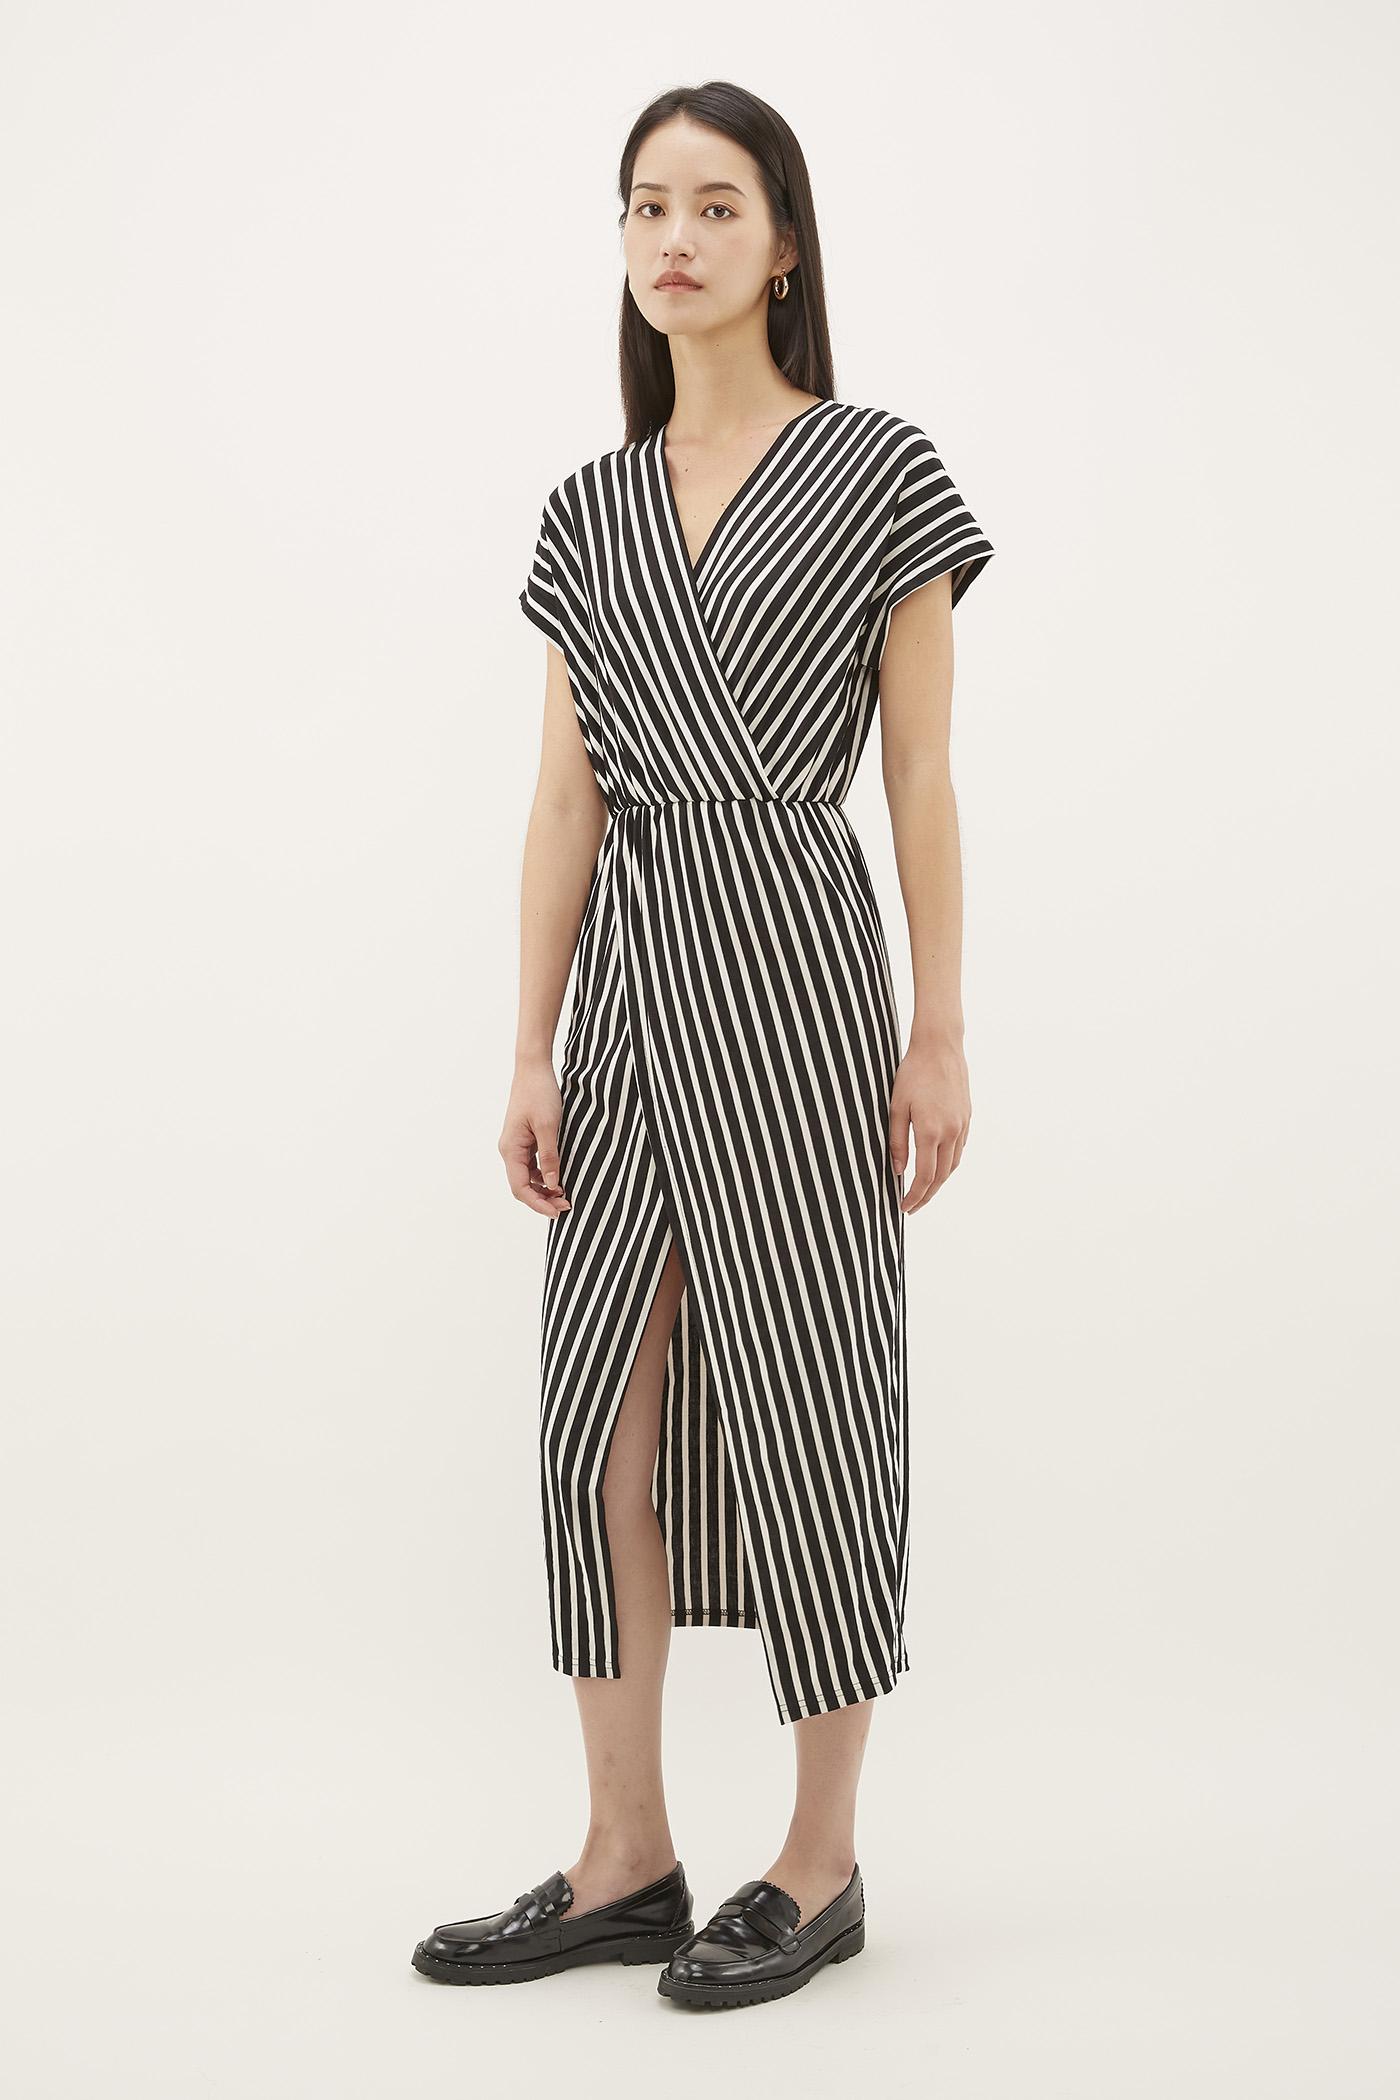 Gliya Fitted Dress